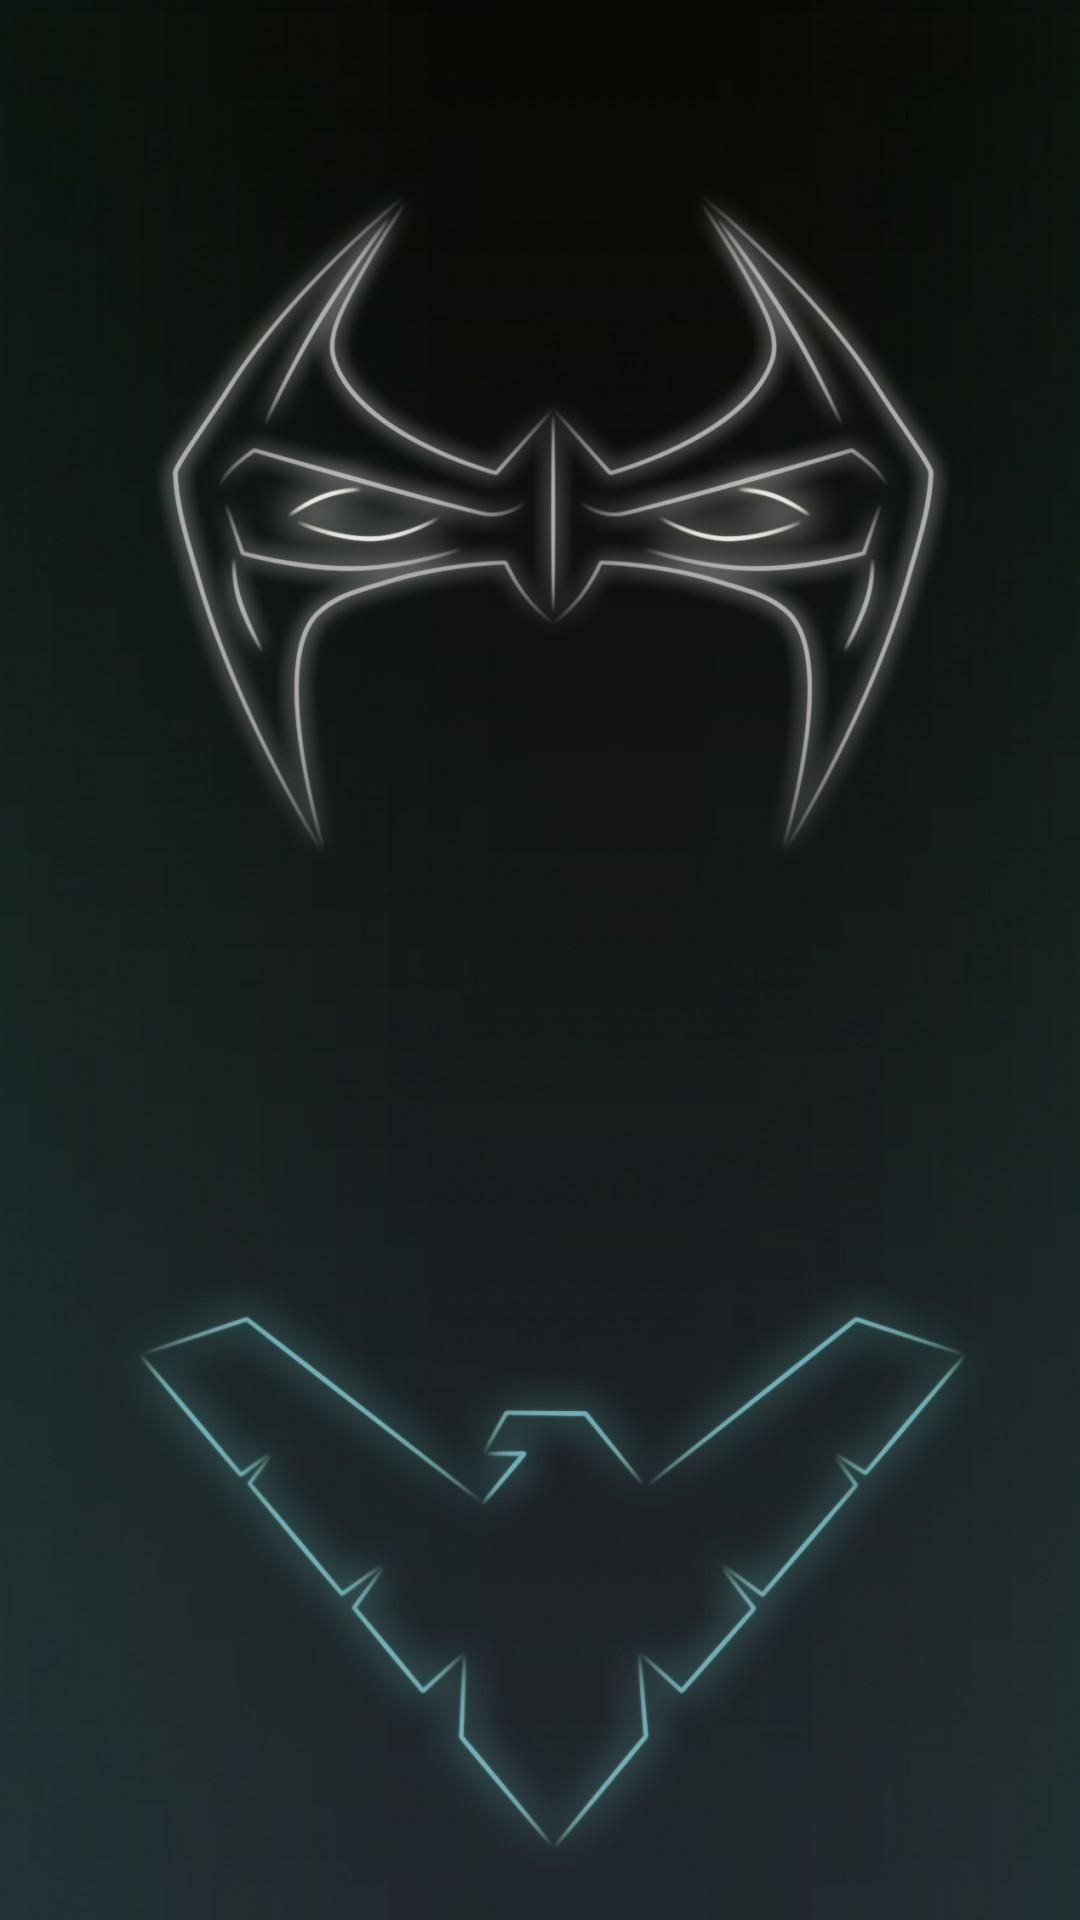 Neon Light Nightwing 1080 x 1920 Wallpapers disponible en téléchargement  gratuit.